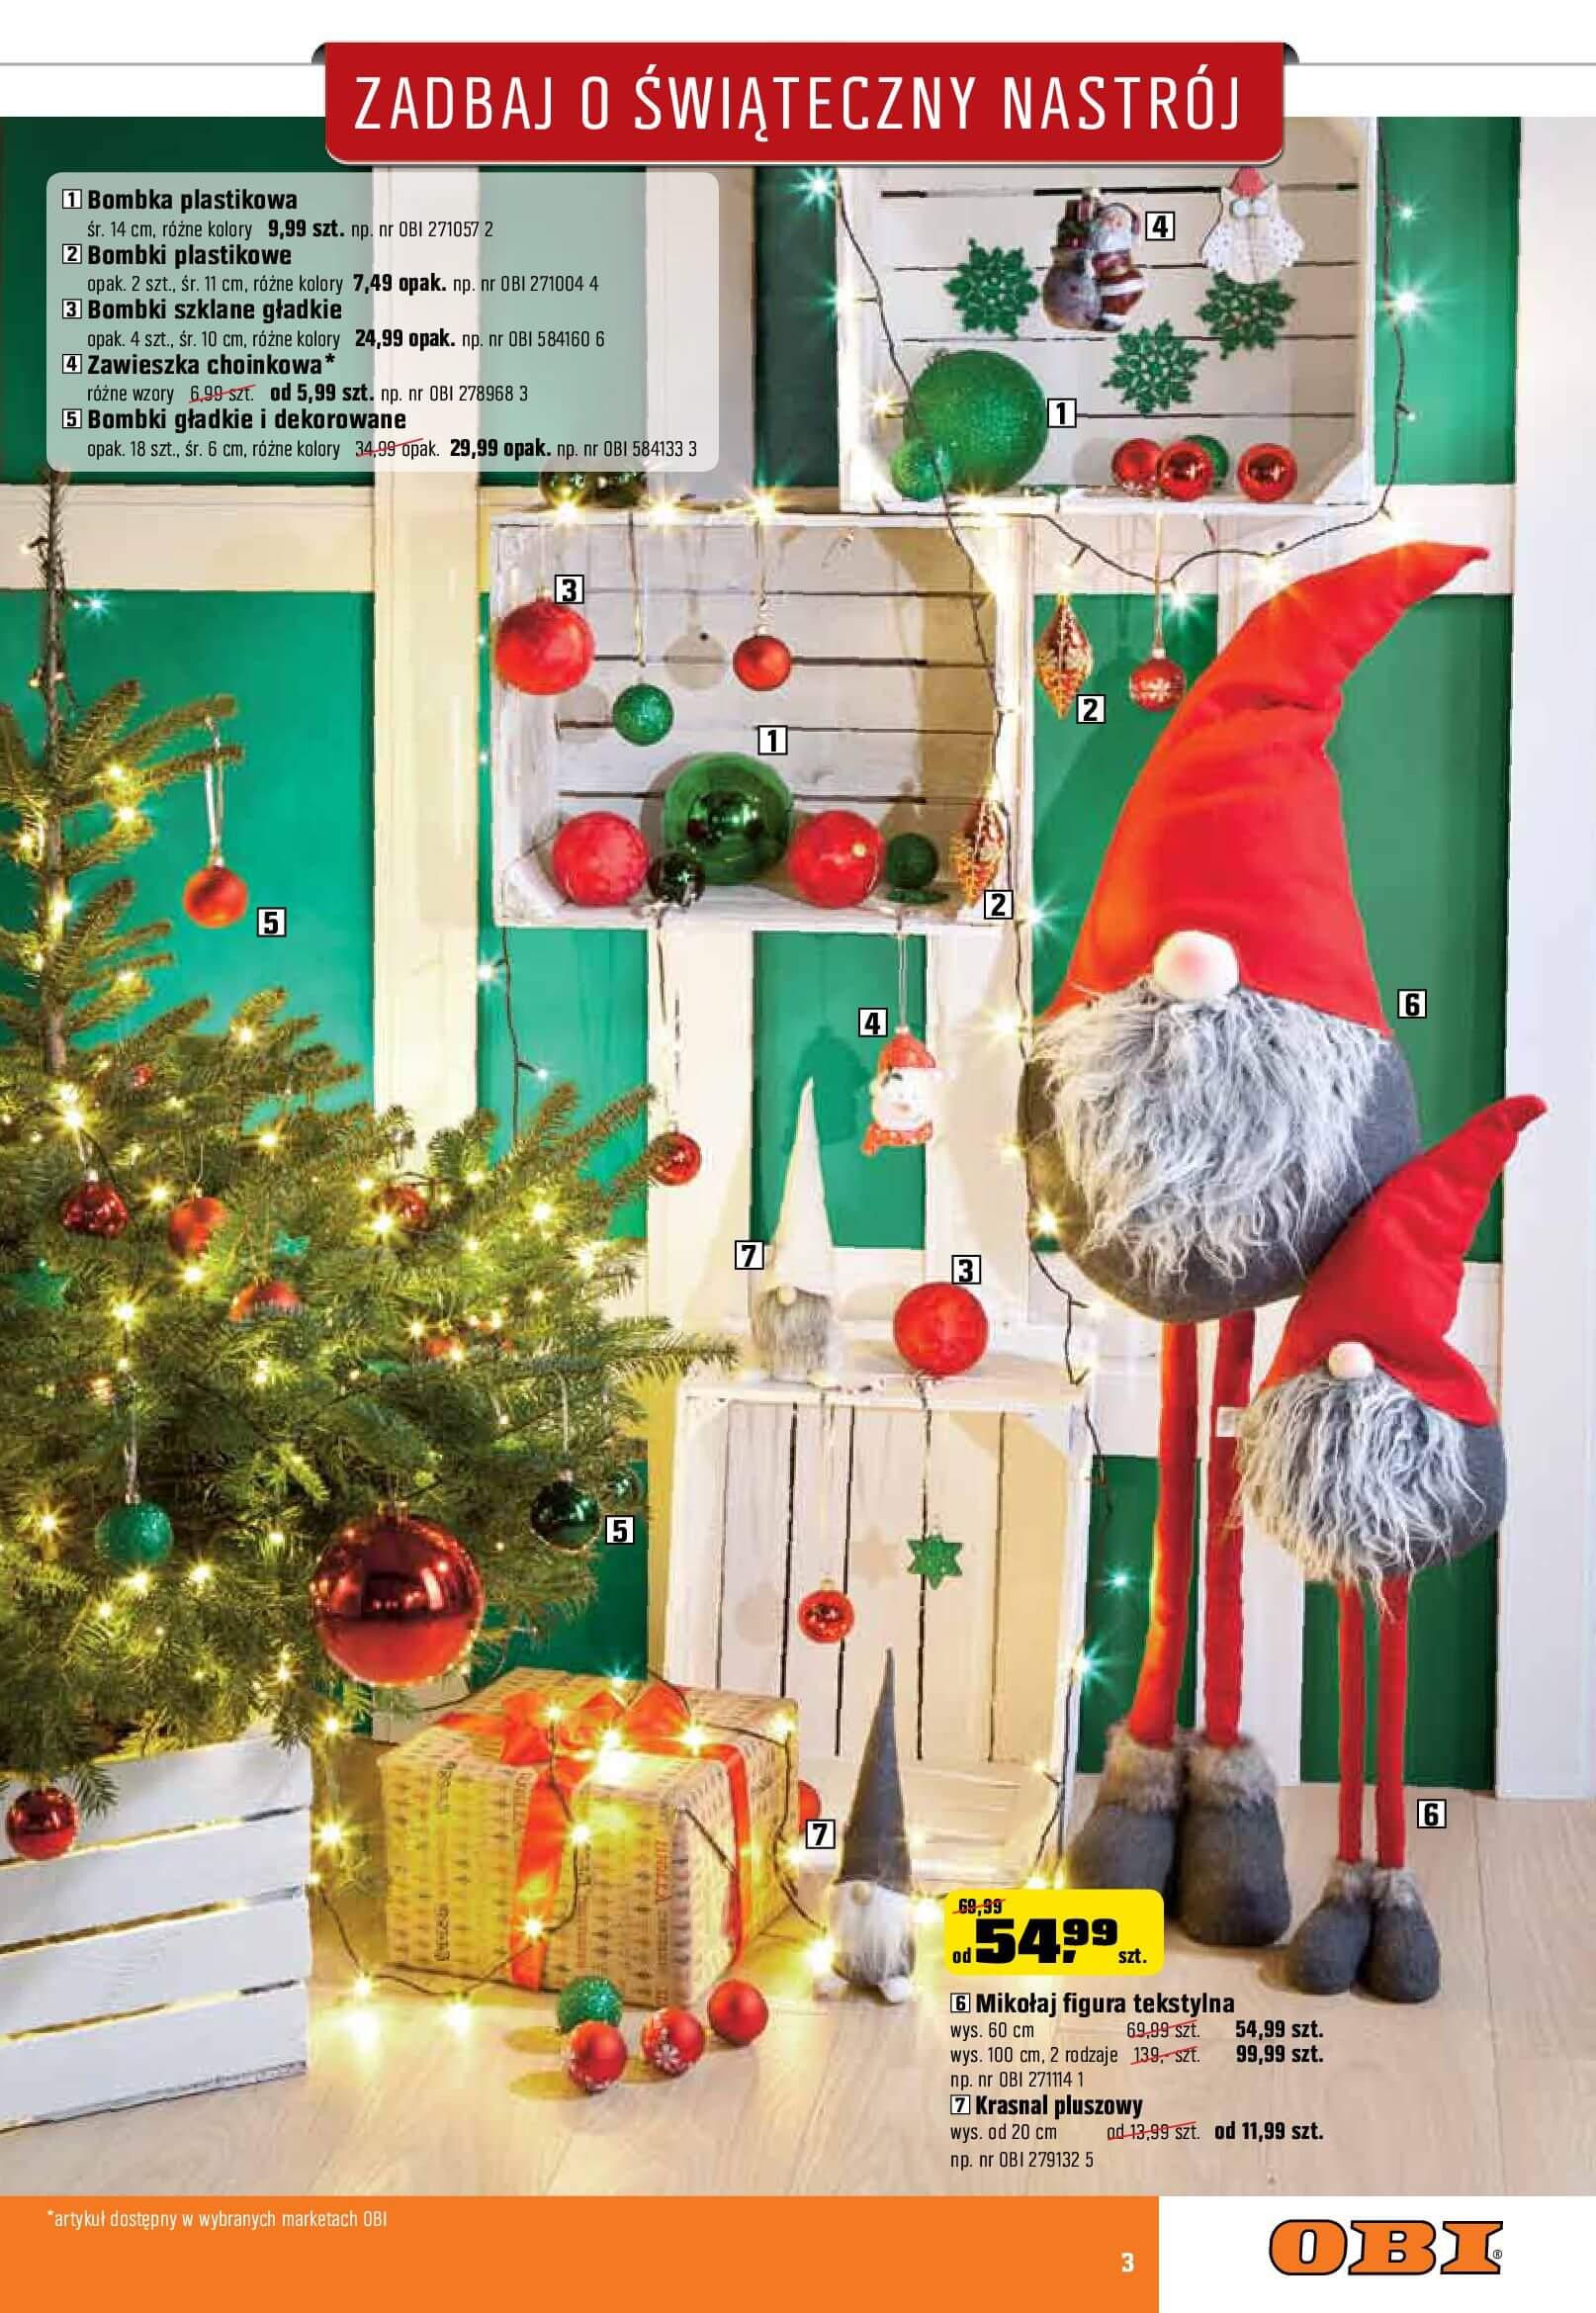 Gazetka OBI - Zadbaj o świąteczny nastrój-06.12.2017-02.01.2018-page-3